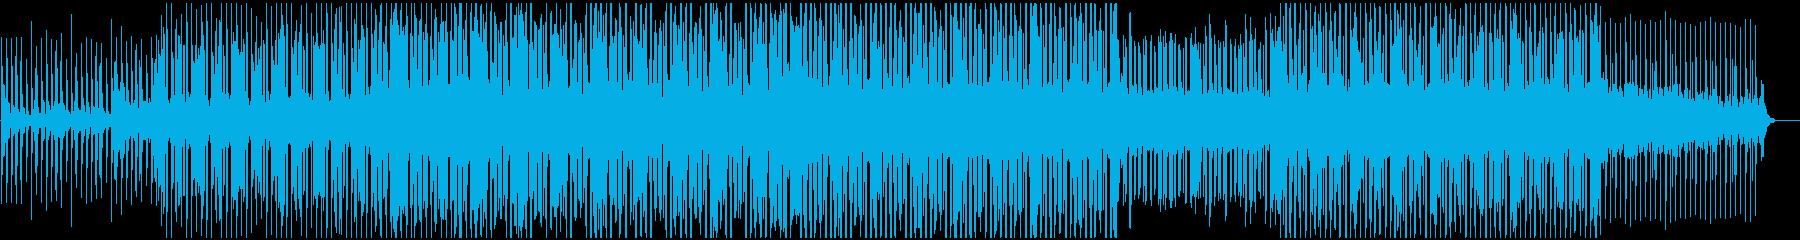 レトロフューチャー 80's洋楽ファンクの再生済みの波形